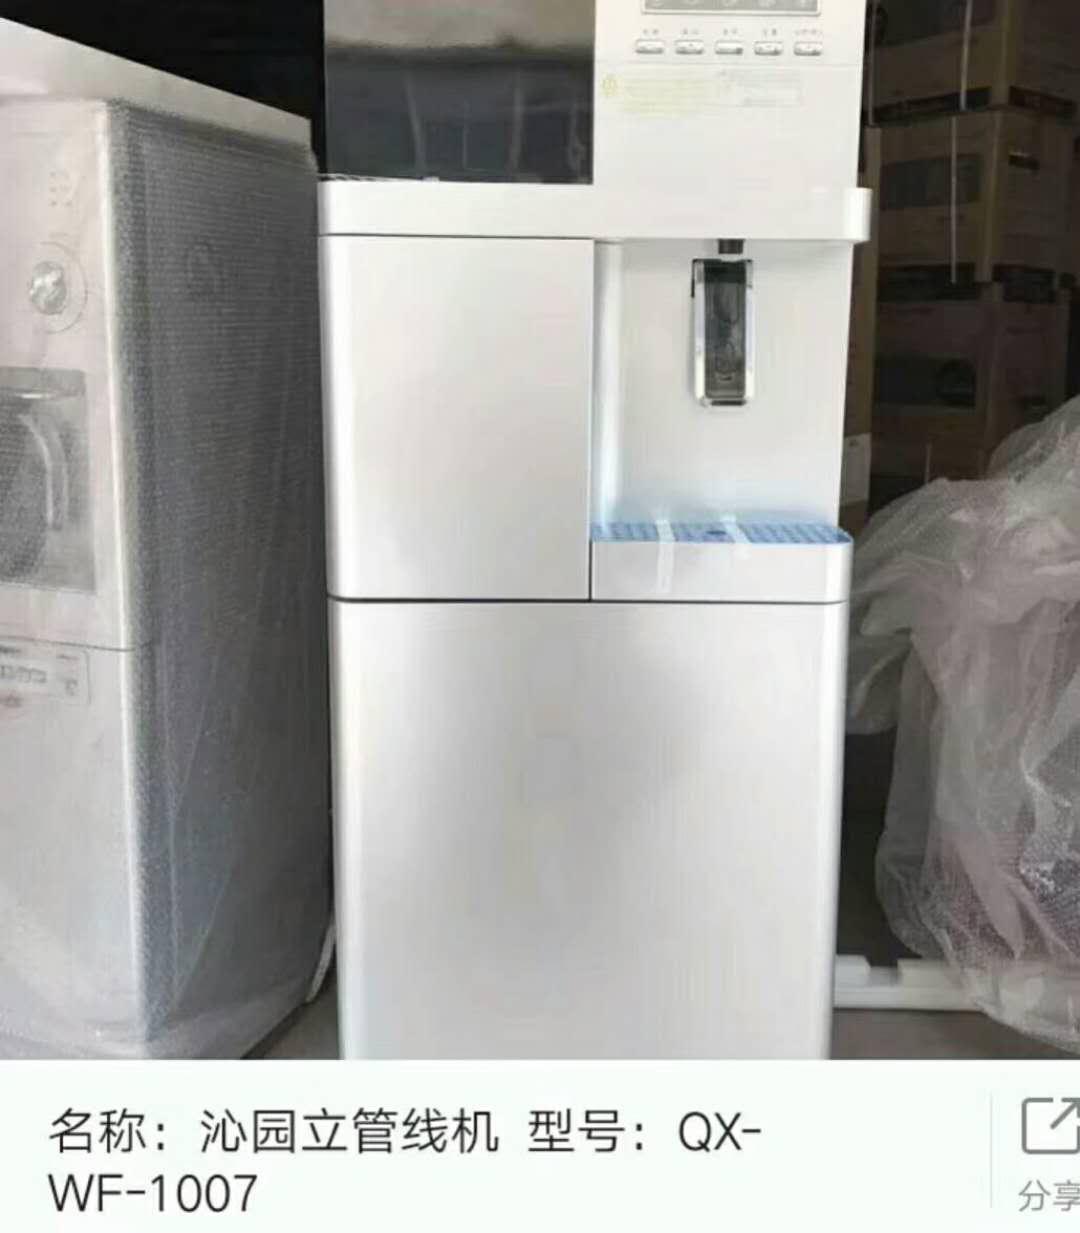 【供用】饮水机 集成灶等系列